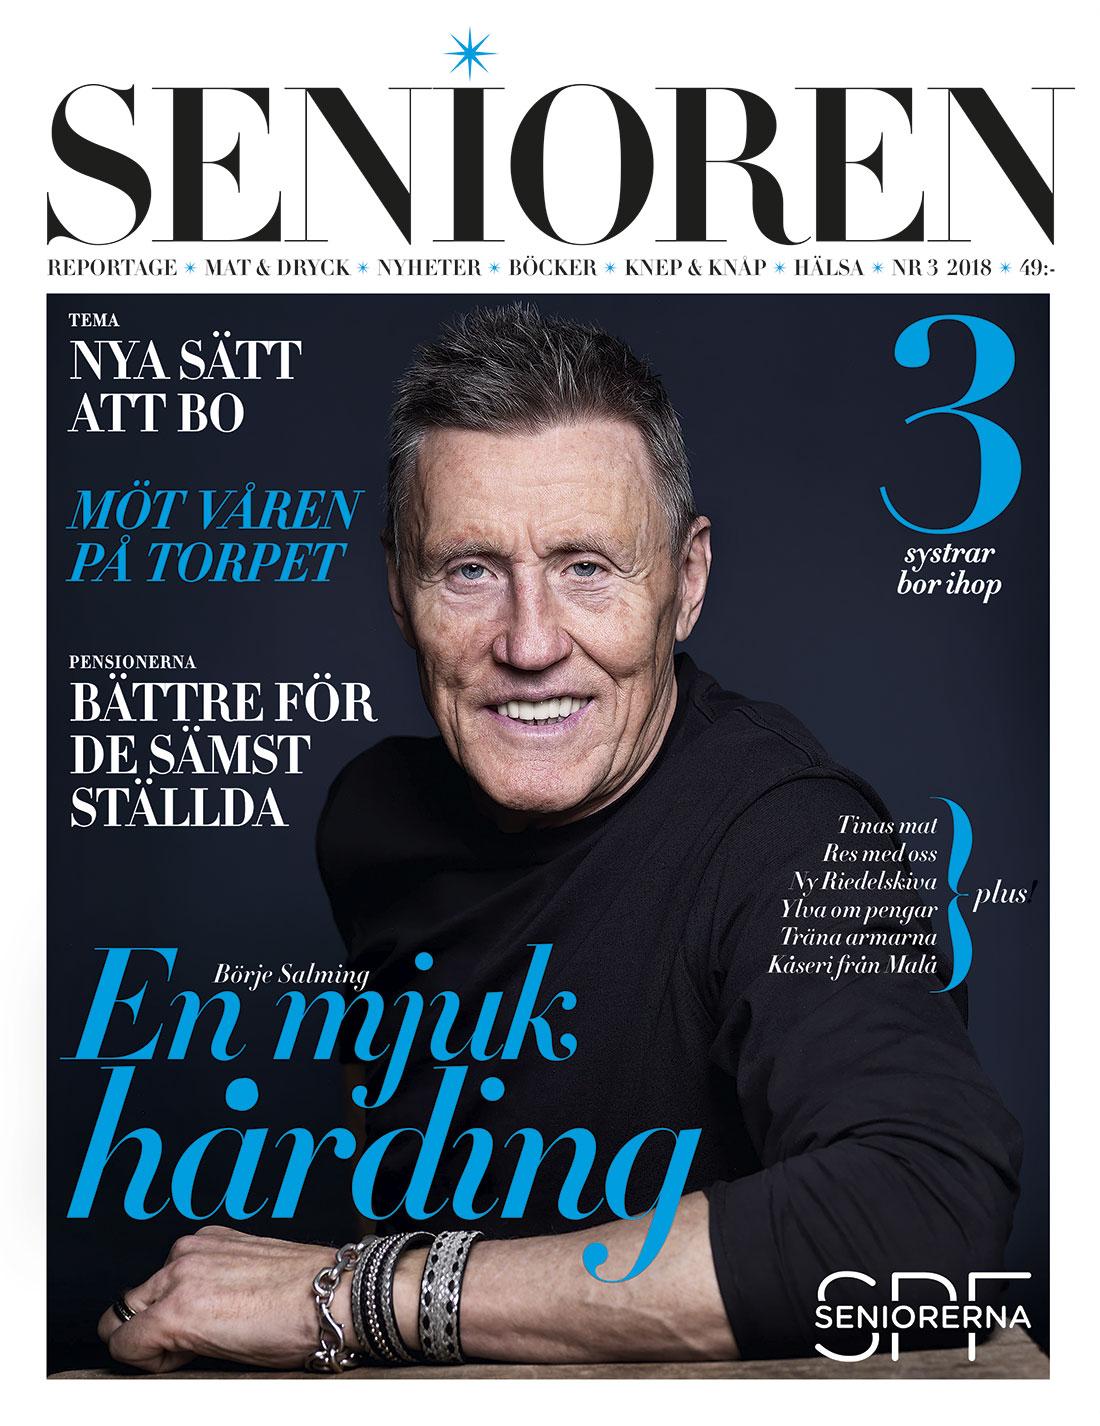 senioren-nr-3